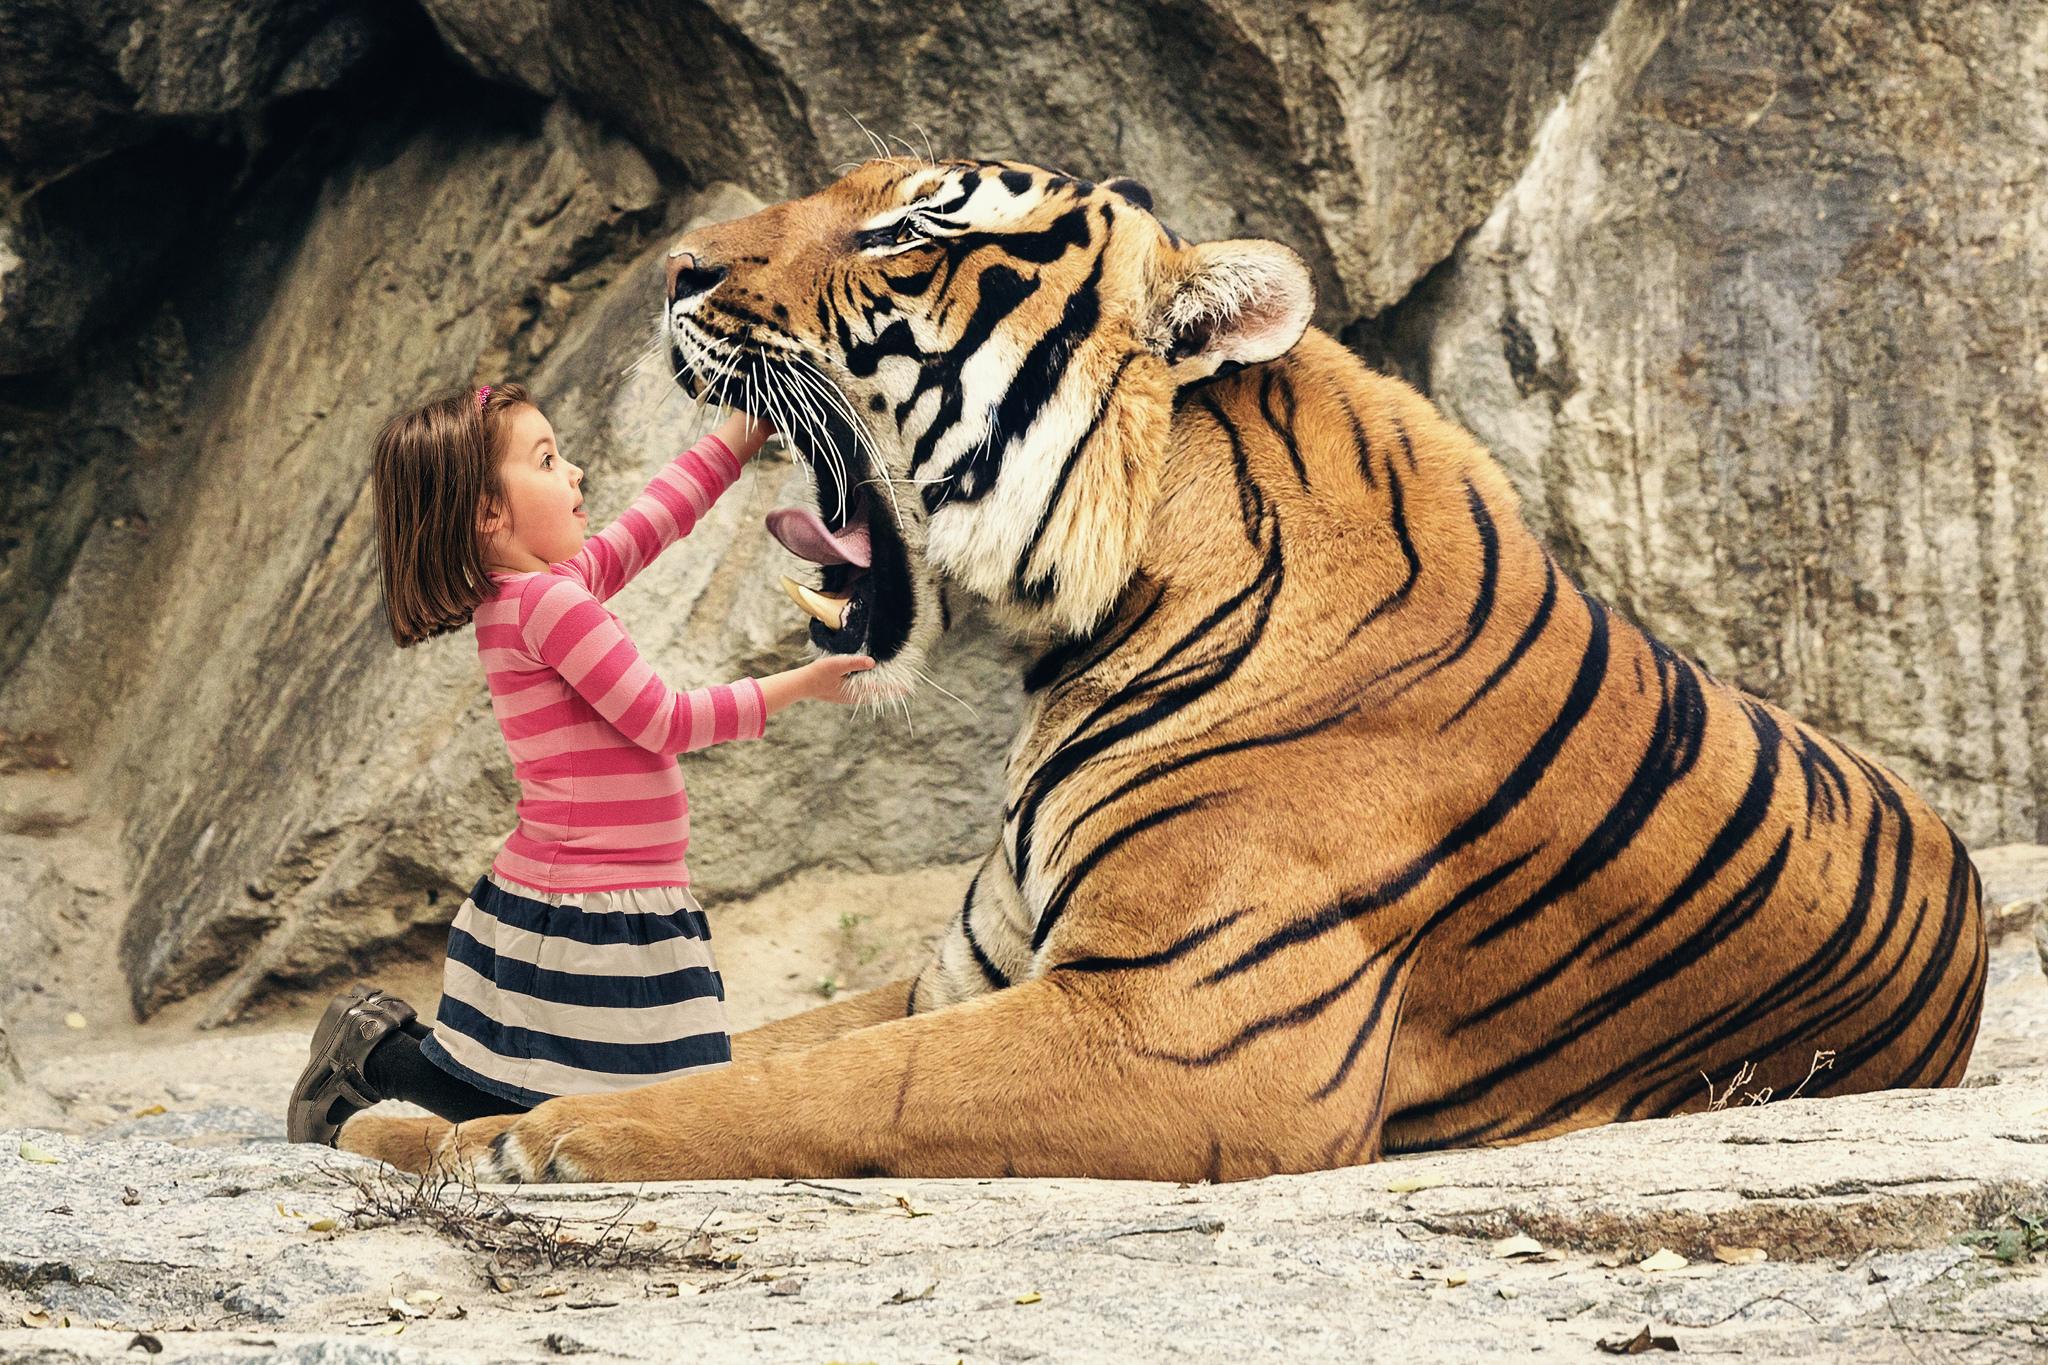 Tigre con boca abierta - 2048x1365